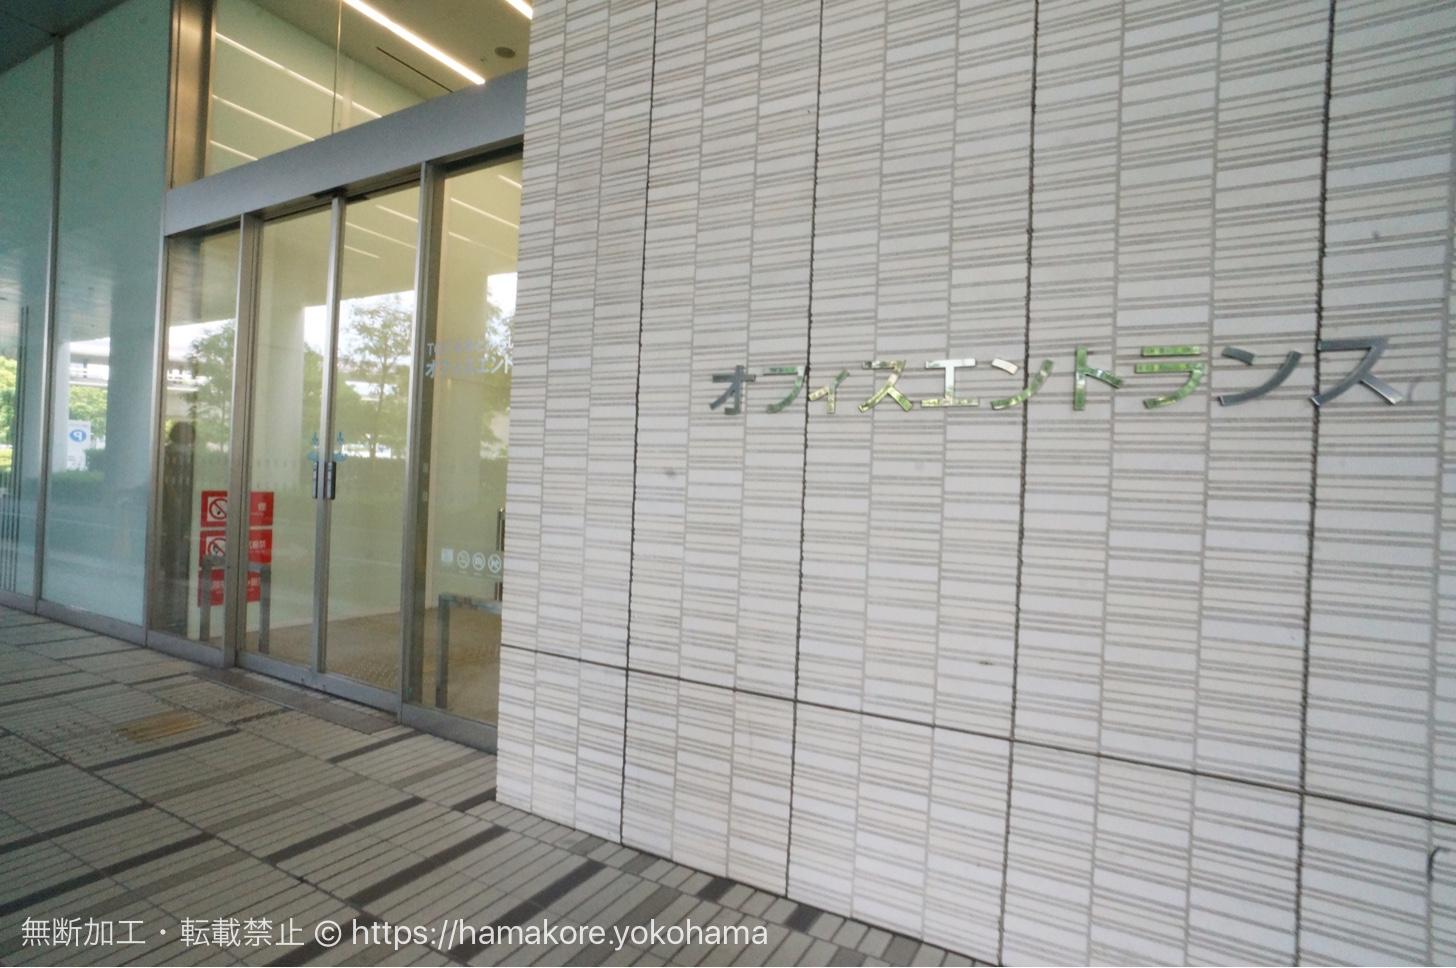 横浜モノリスの入り口に迷ったから写真付きで行き方を説明!